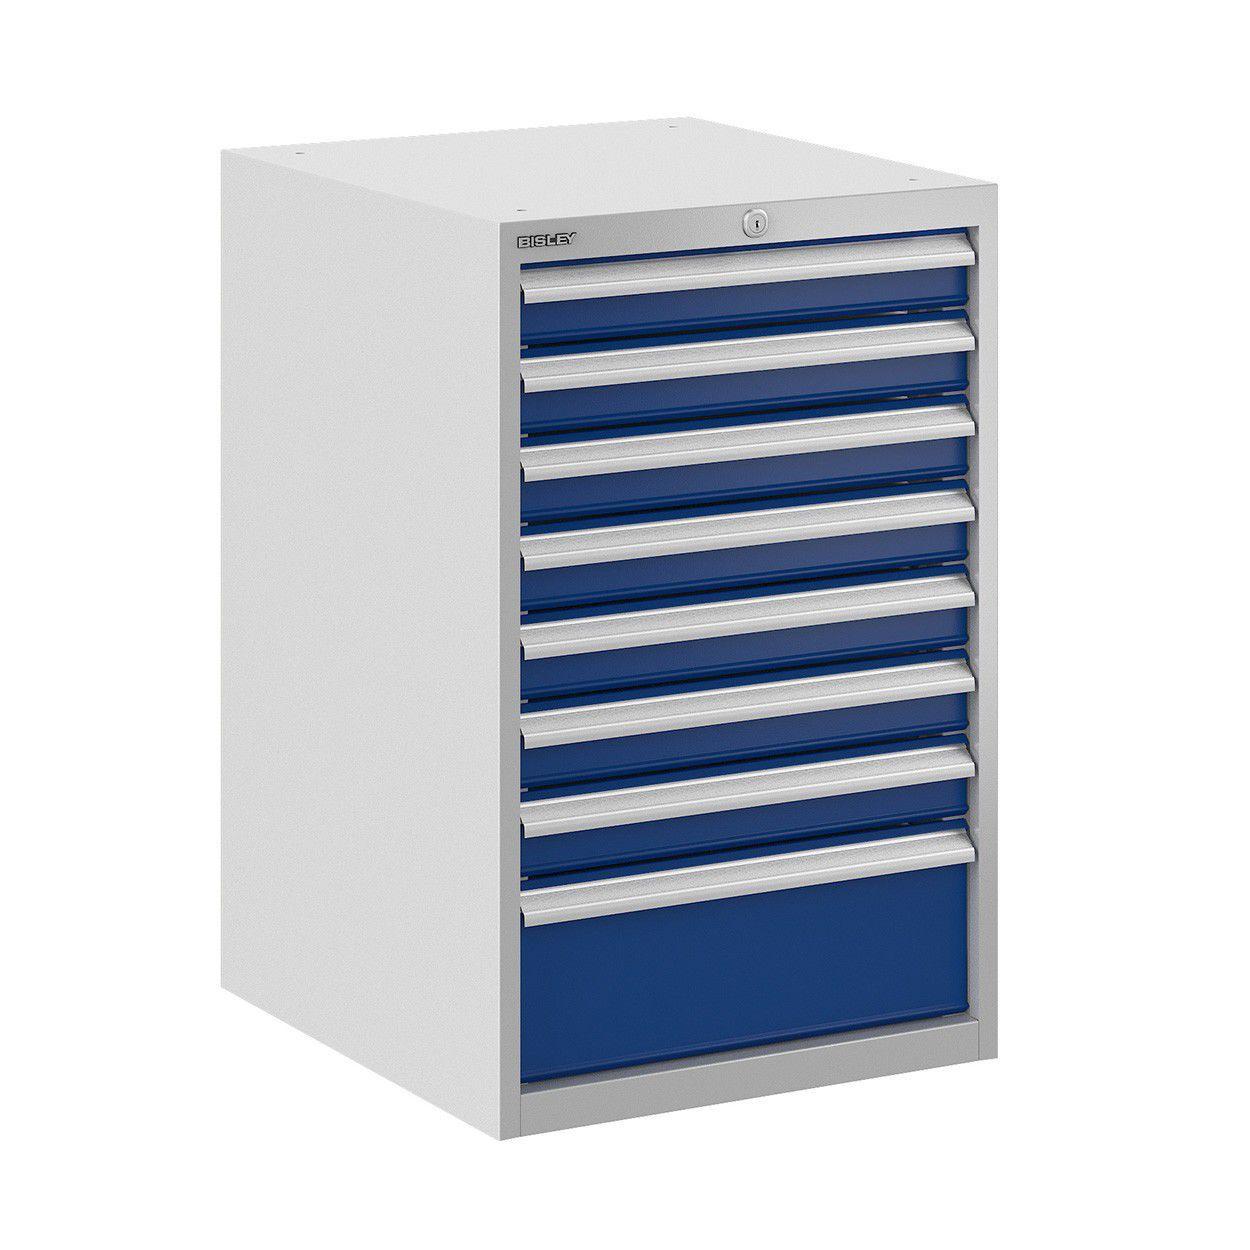 armoire de classement basse en metal a tiroirs contemporaine bis400217w